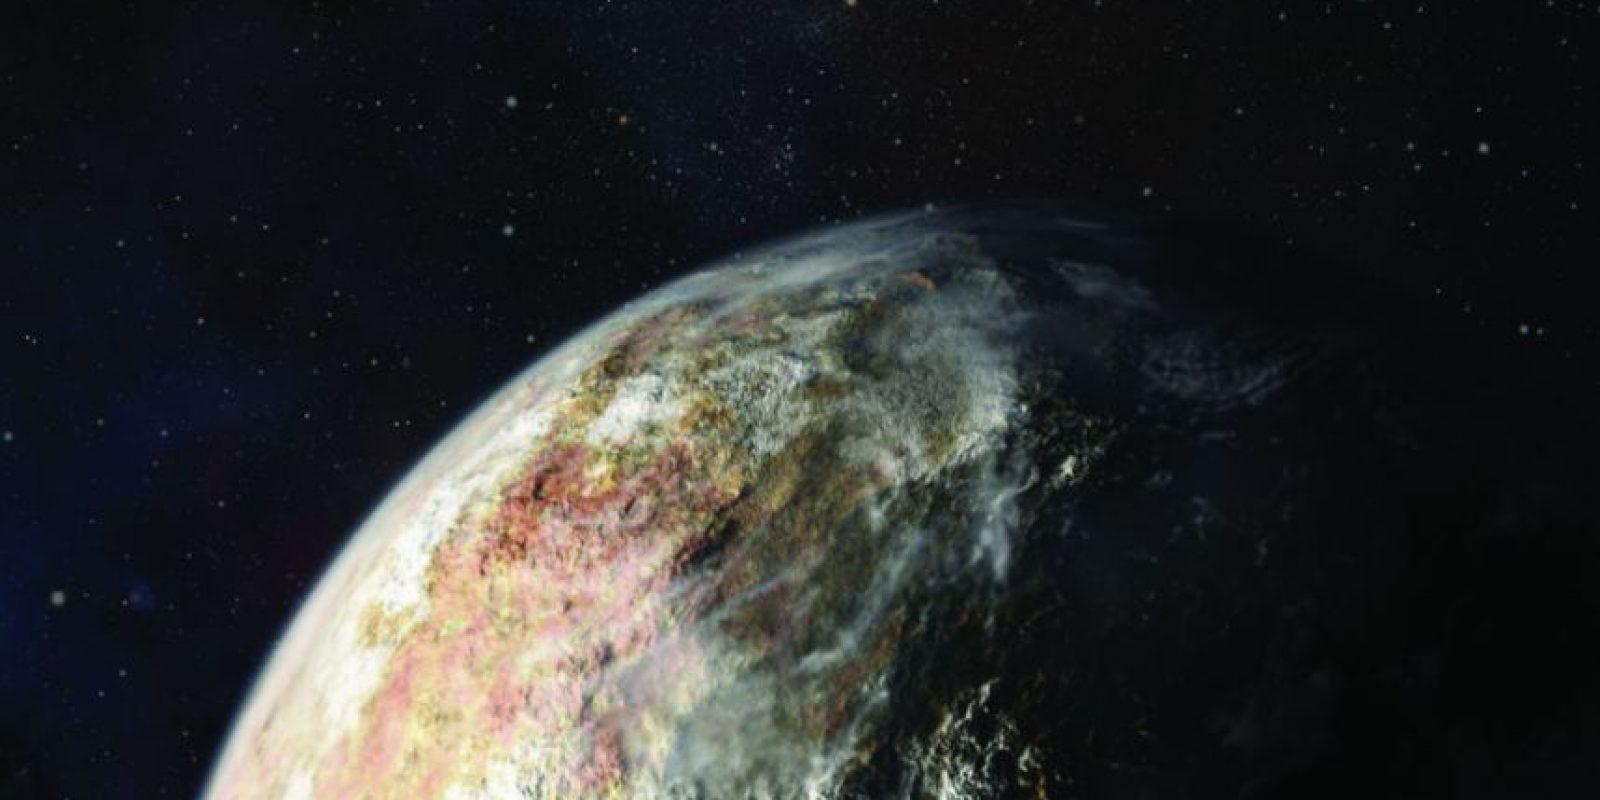 Los objetivos en los días previos al sobrevuelo son: hacer un mapa mundial de Plutón y su luna Caronte, estudiar la atmósfera de Plutón, buscar nuevas lunas y anillos Foto:NASA